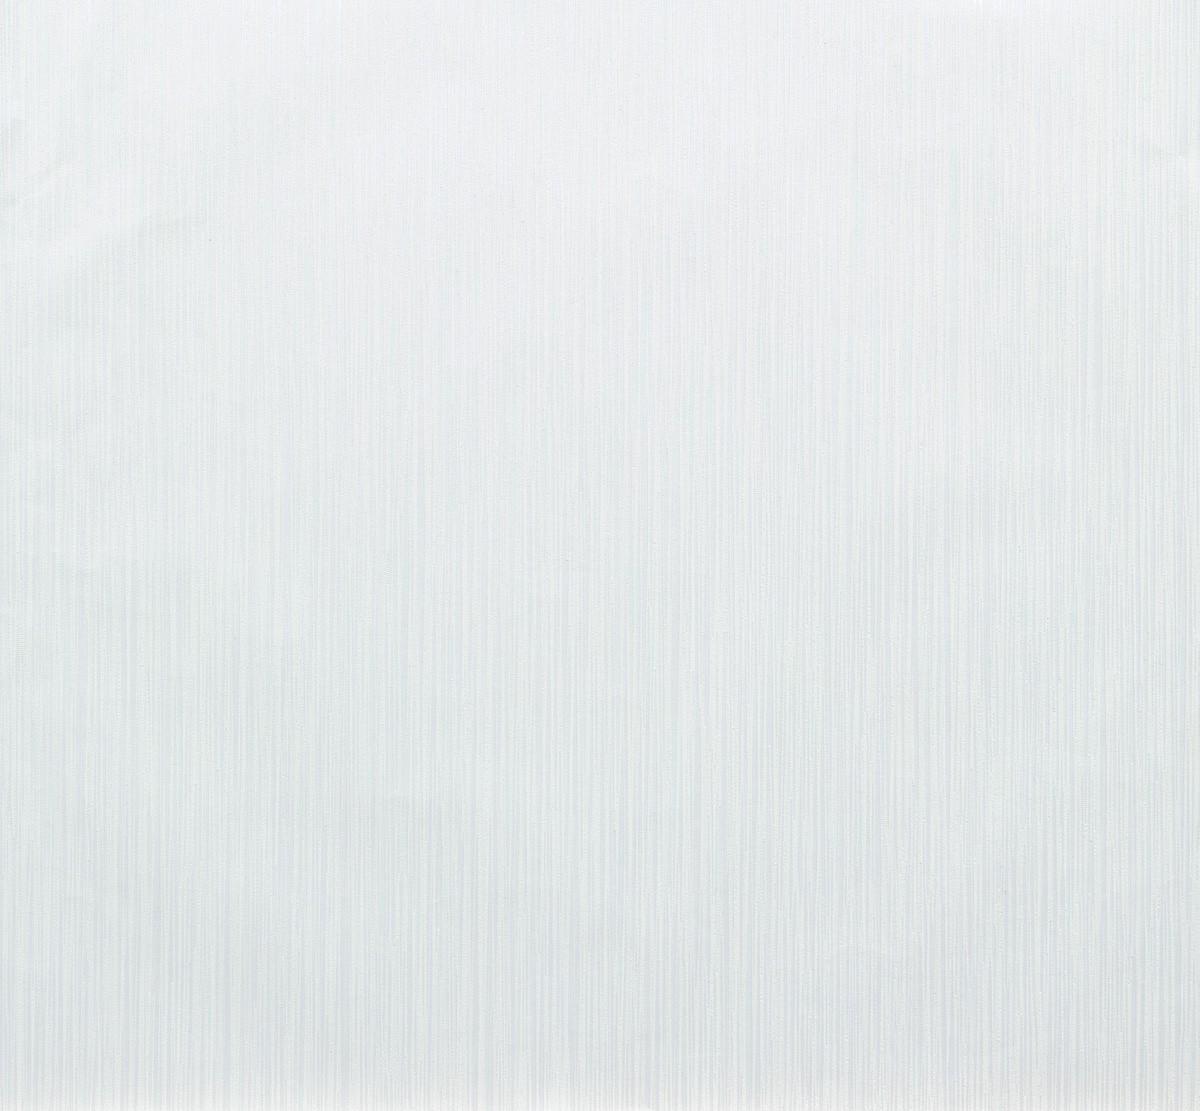 vliestapete wei lila streifen marburg 56716. Black Bedroom Furniture Sets. Home Design Ideas